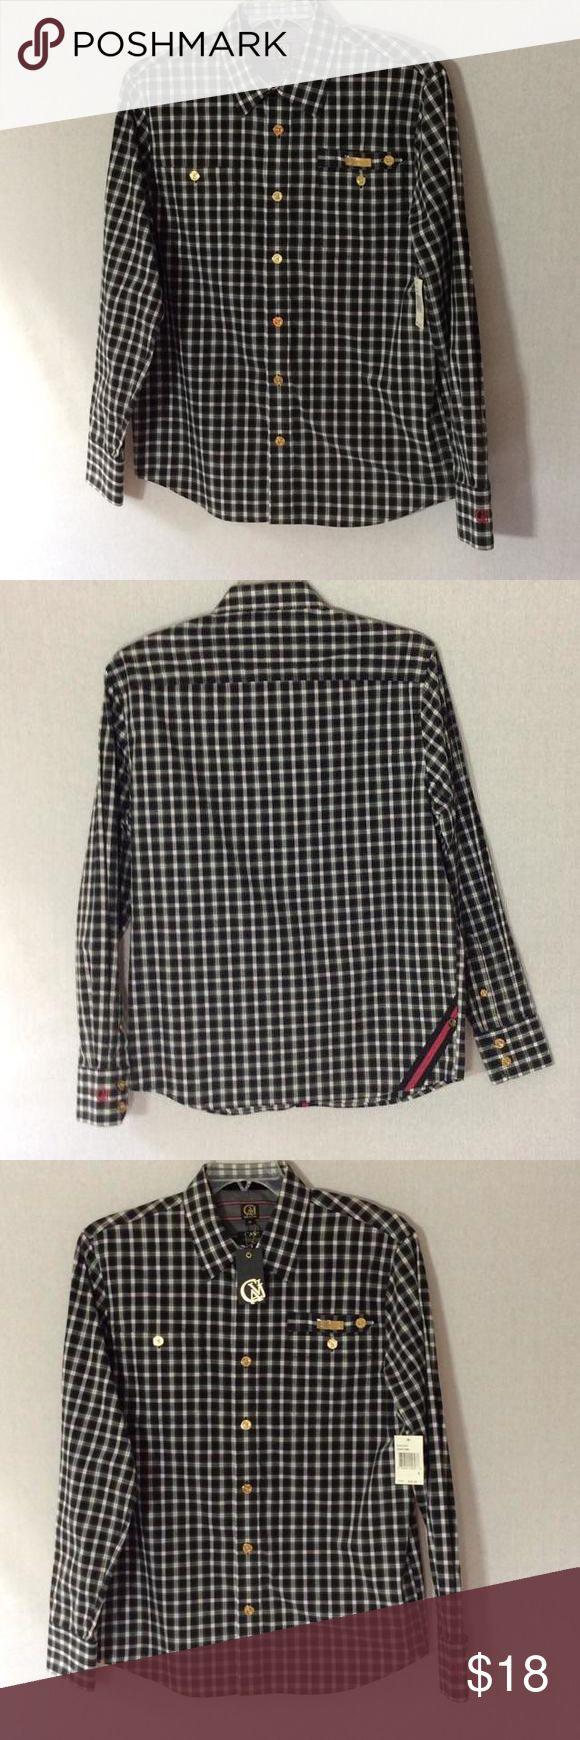 NWT Cavi Button Down Long Sleeve Shirt NWT Cavi Button Down Long Sleeve Shirt Shirts & Tops